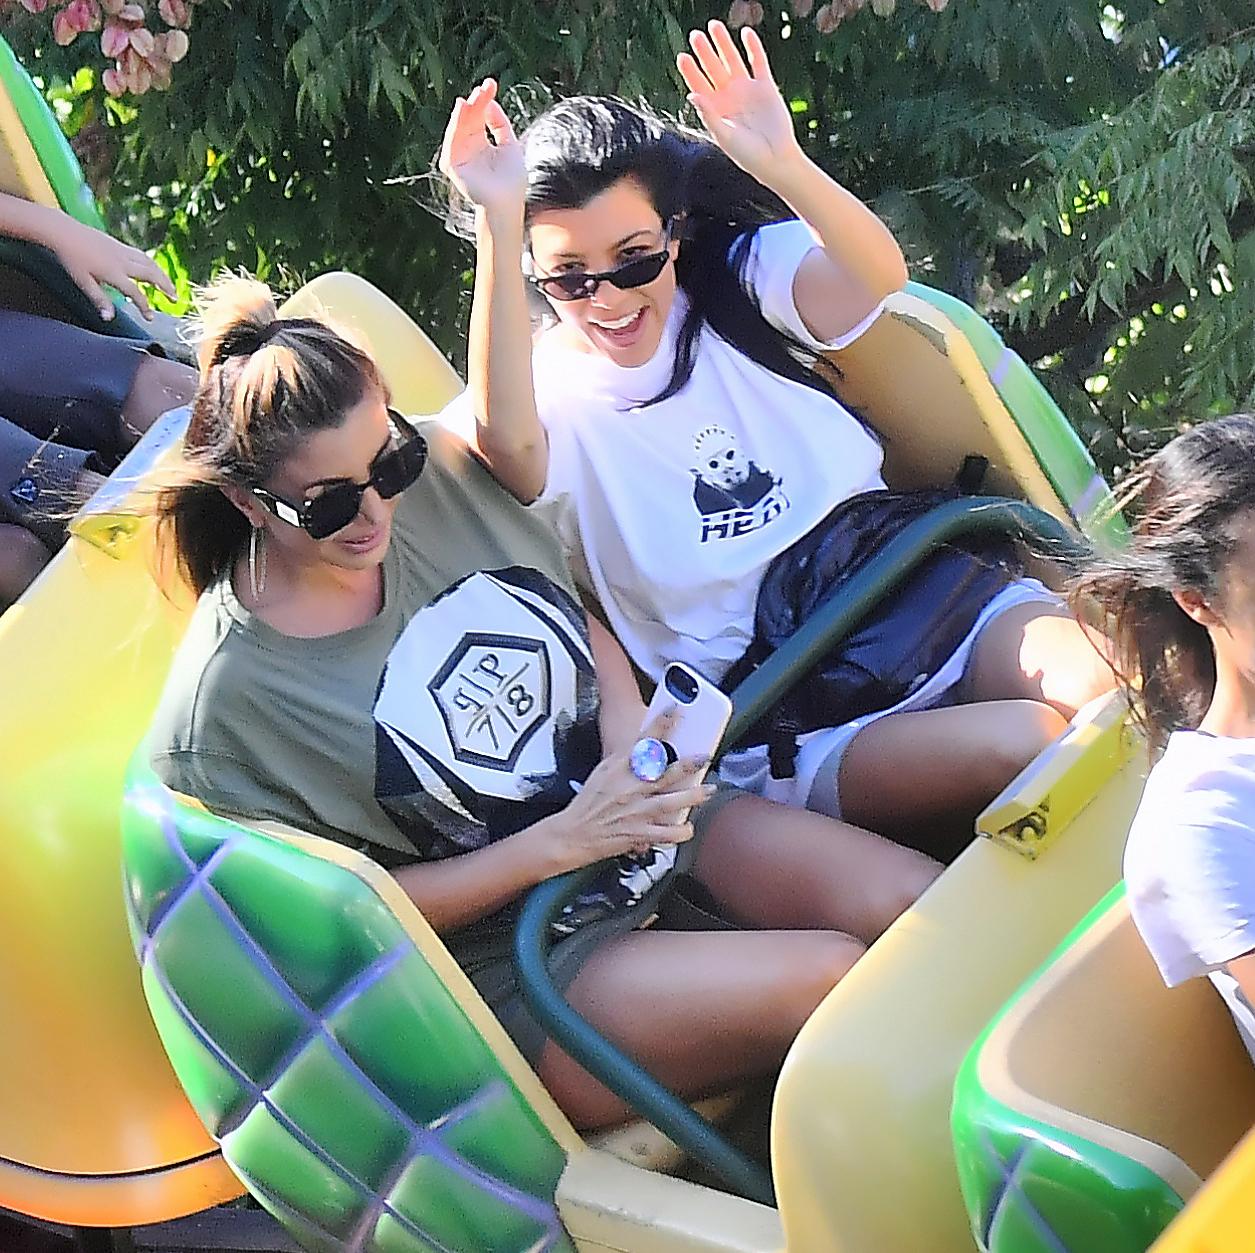 Larsa Pippen Kourtney Kardashian Kim Kardashian 37th birthday Disneyland